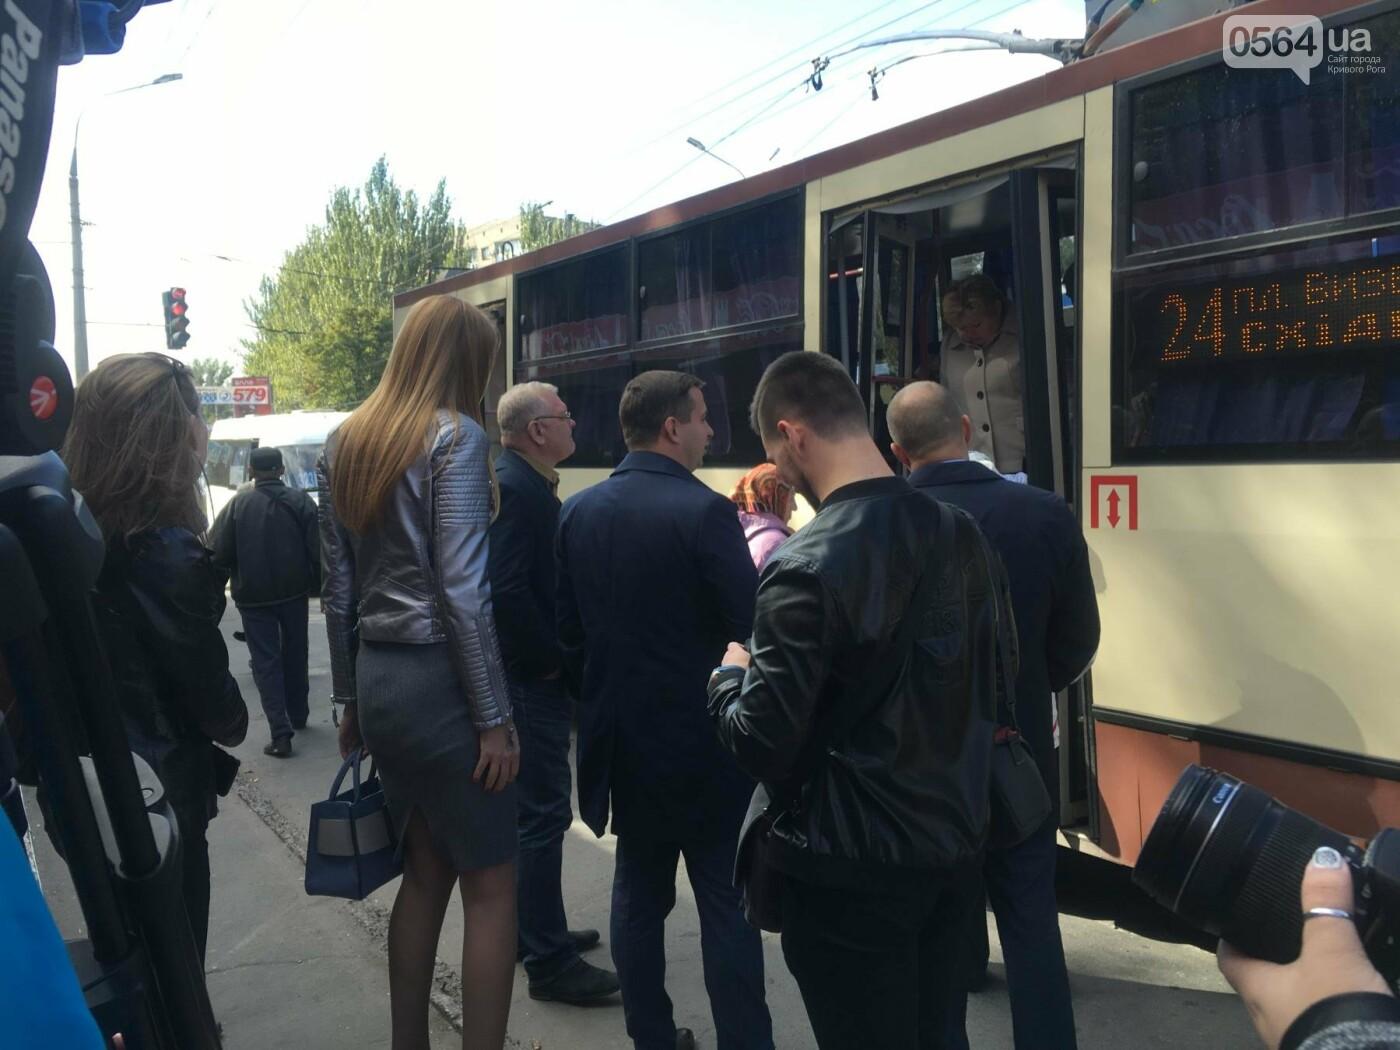 Криворожане могут не переживать, если забыли деньги: оплатить проезд можно с помощью QR-кода (ФОТО), фото-3